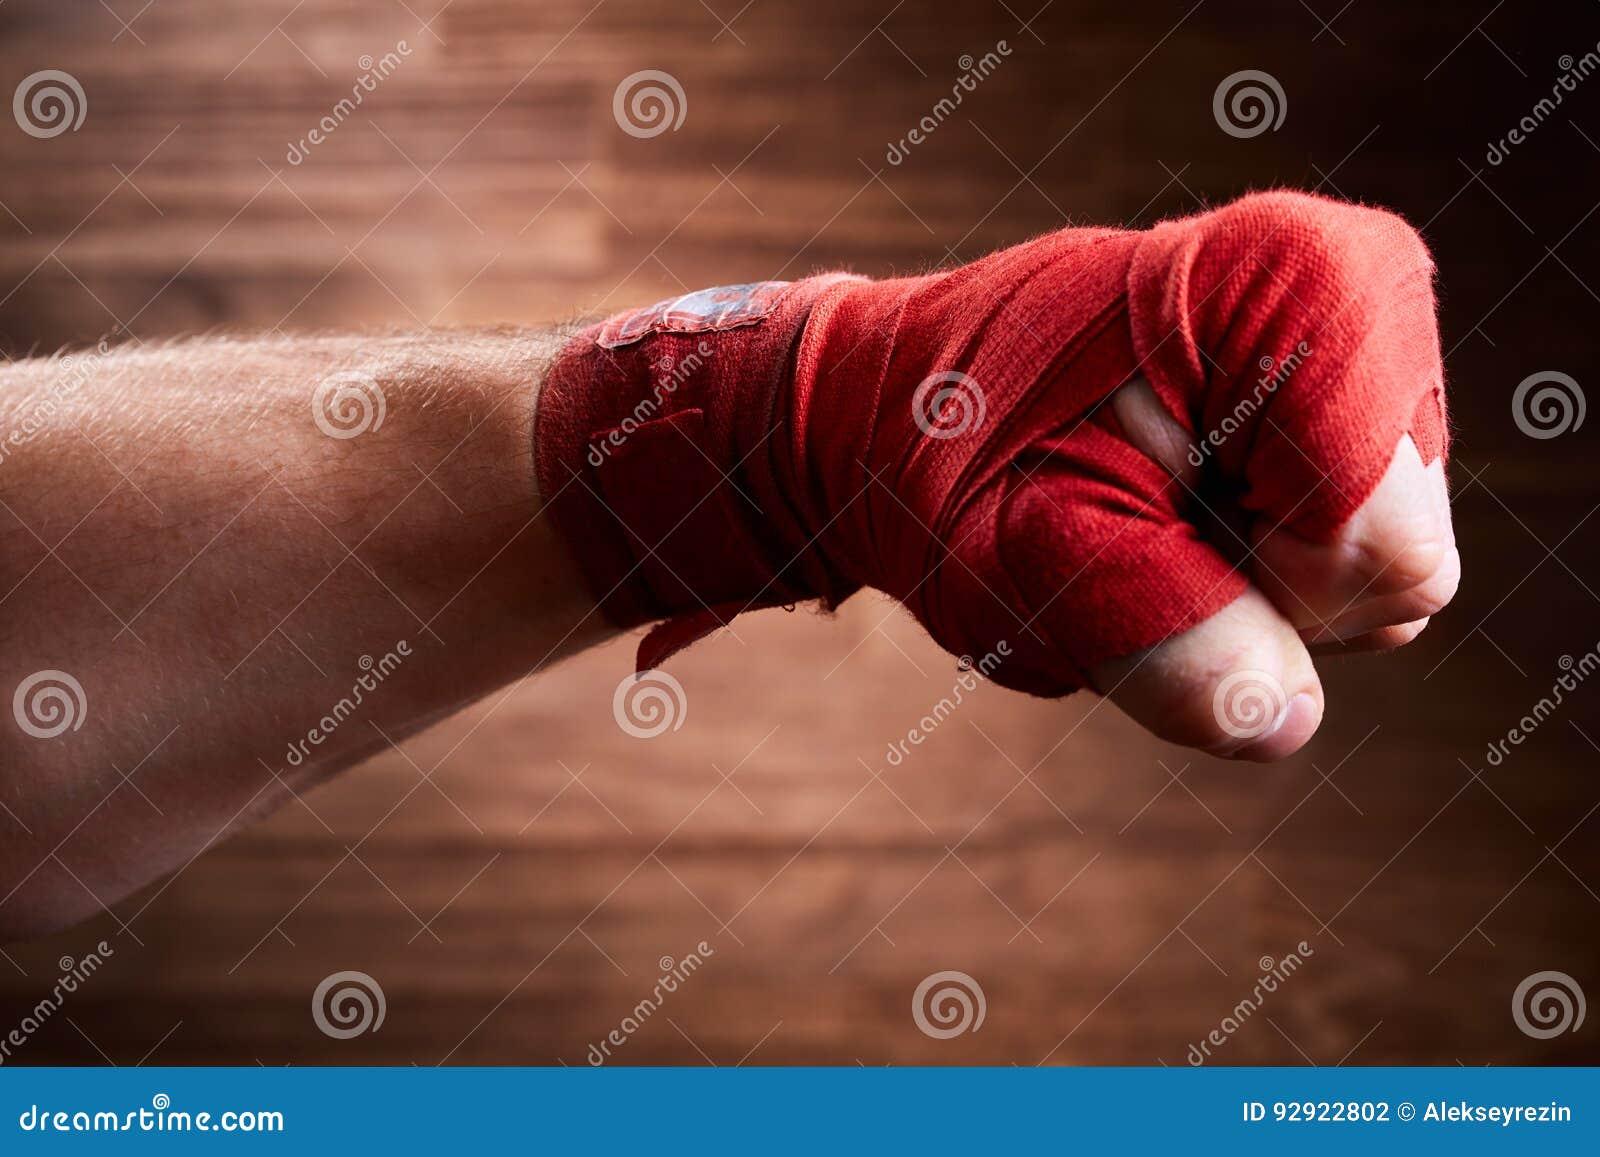 Ciérrese encima de la imagen del puño de un boxeador con el vendaje rojo contra fondo marrón